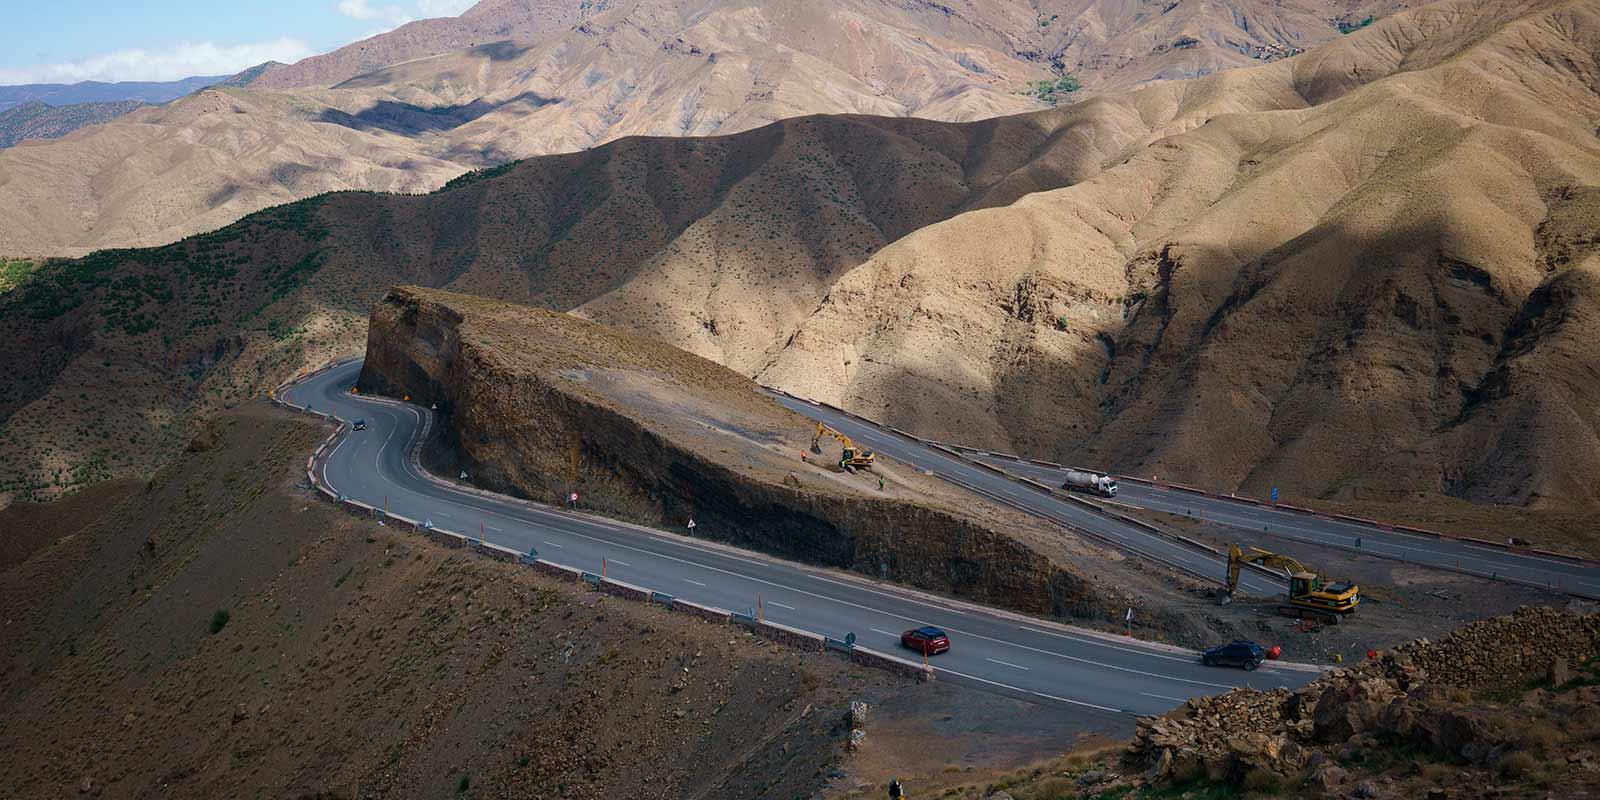 TIZI N'TICHKA – Par la Route des Caravanes